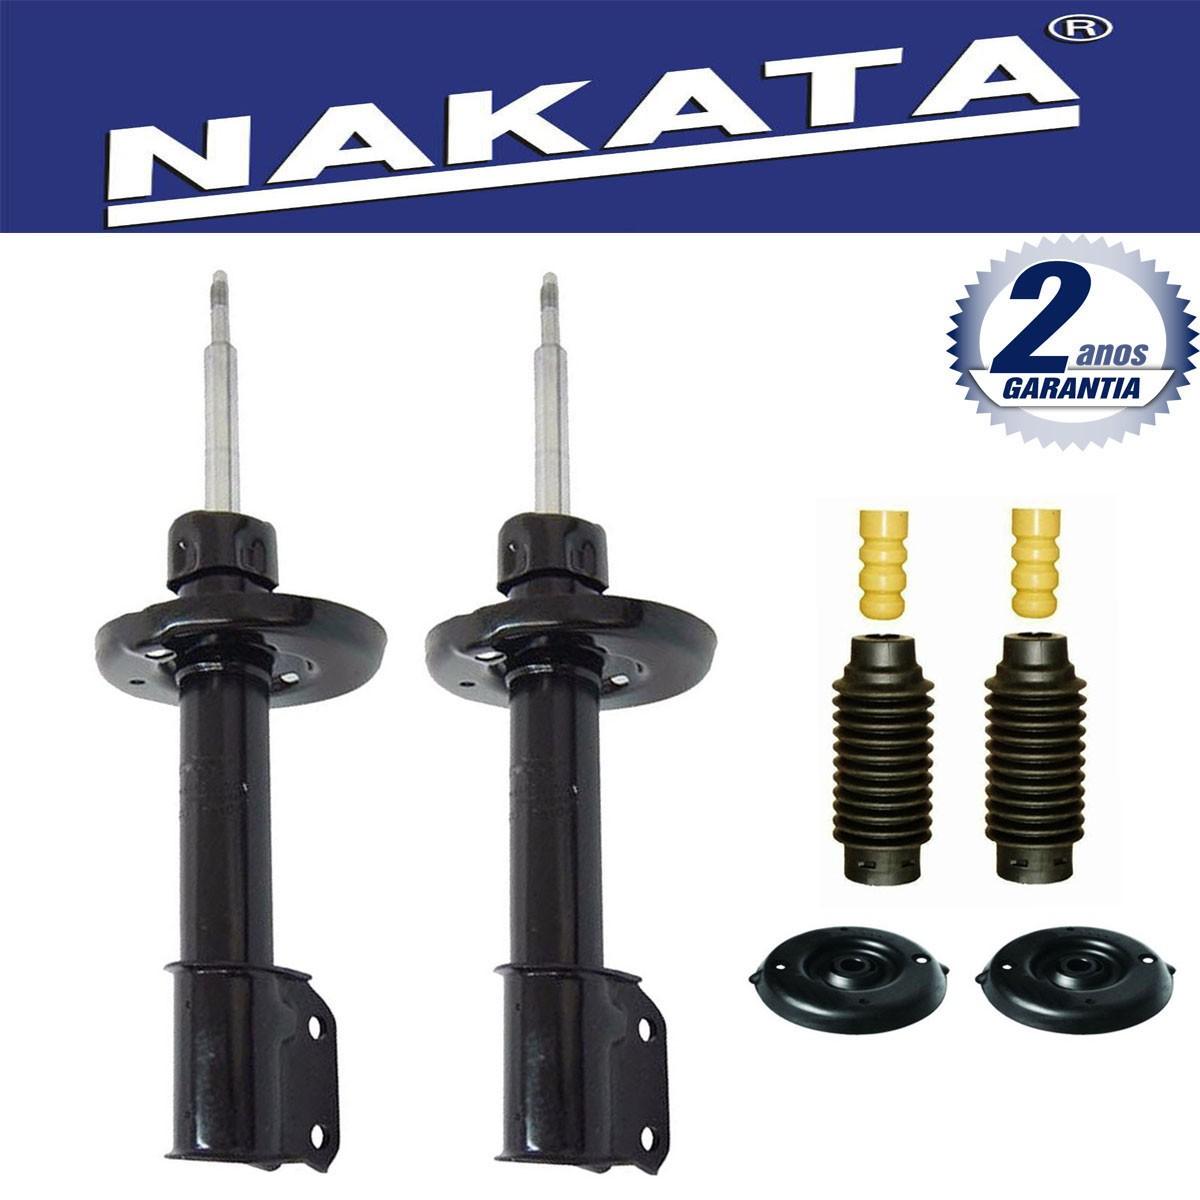 Par de Amortecedores Dianteiro Nakata Citroen C4 Hatch Vtr Pallas 2007 Até 2012 Peugeot 307 2002 Até 2012 + Kit da Suspensão